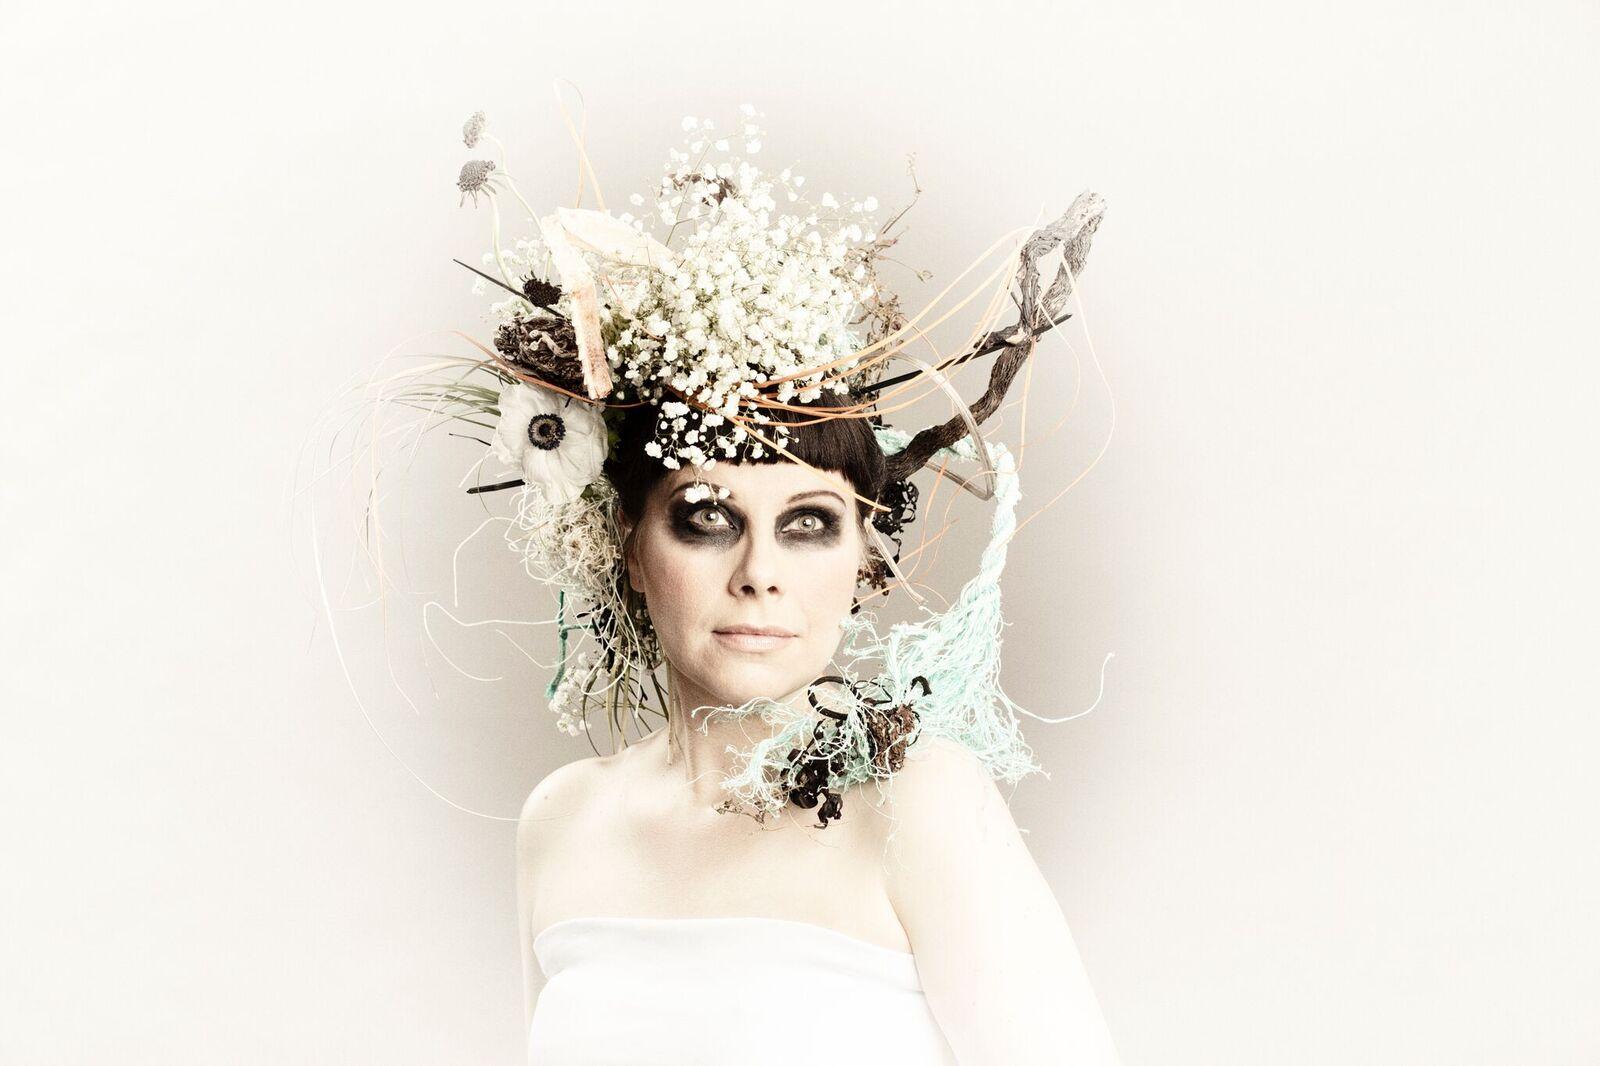 Marja Ahlsved perusti Arosa Ensemblen vuonna 2009. Yhtye esittää Södergranin runojen ympärille sävellettyä popmusiikkia. Kuva: Marco Melander